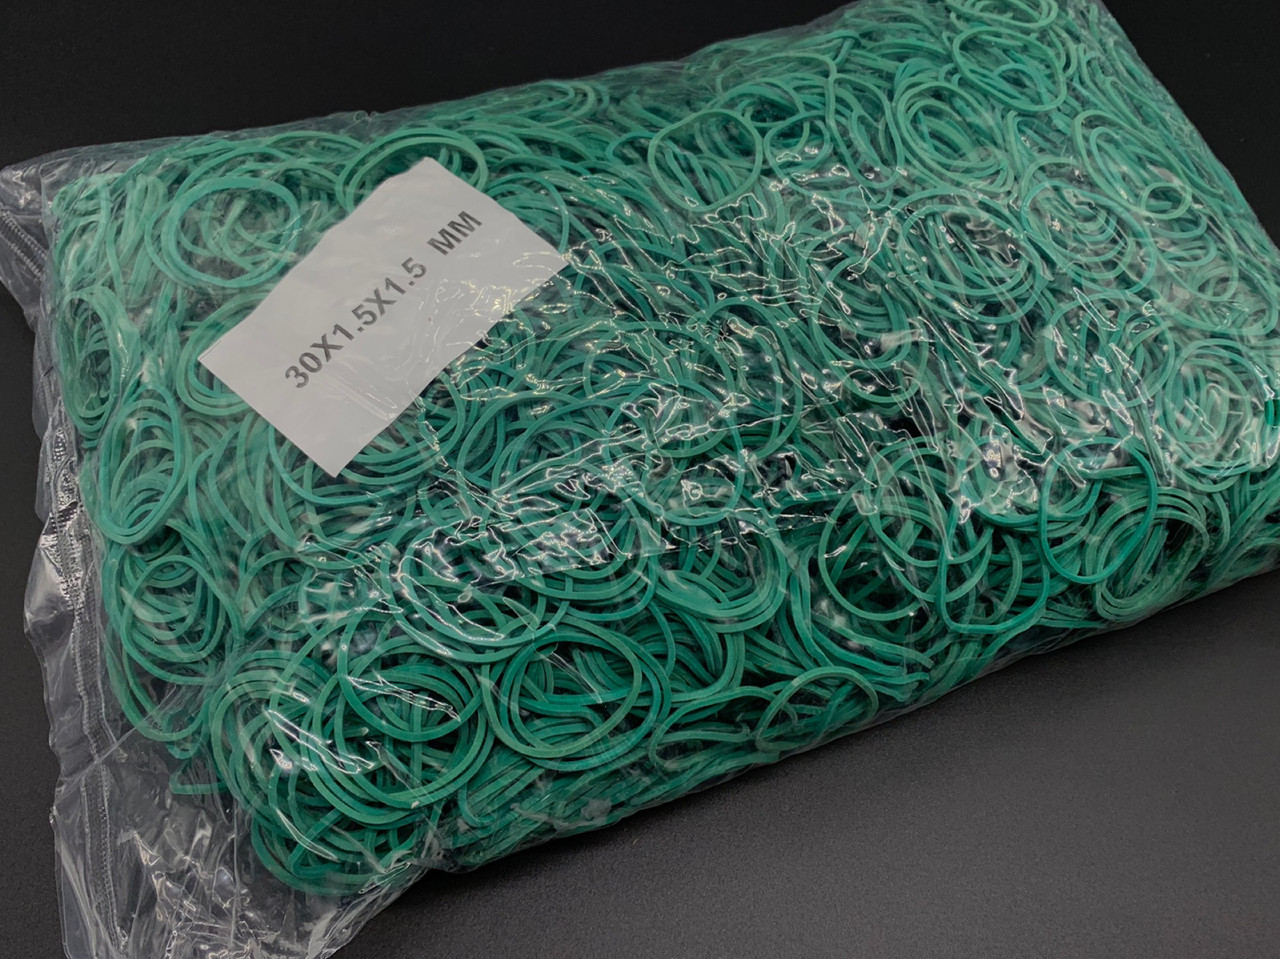 Резинки для денег Польская. 30х1,5х1,5мм. Цвет зеленый.5469 шт